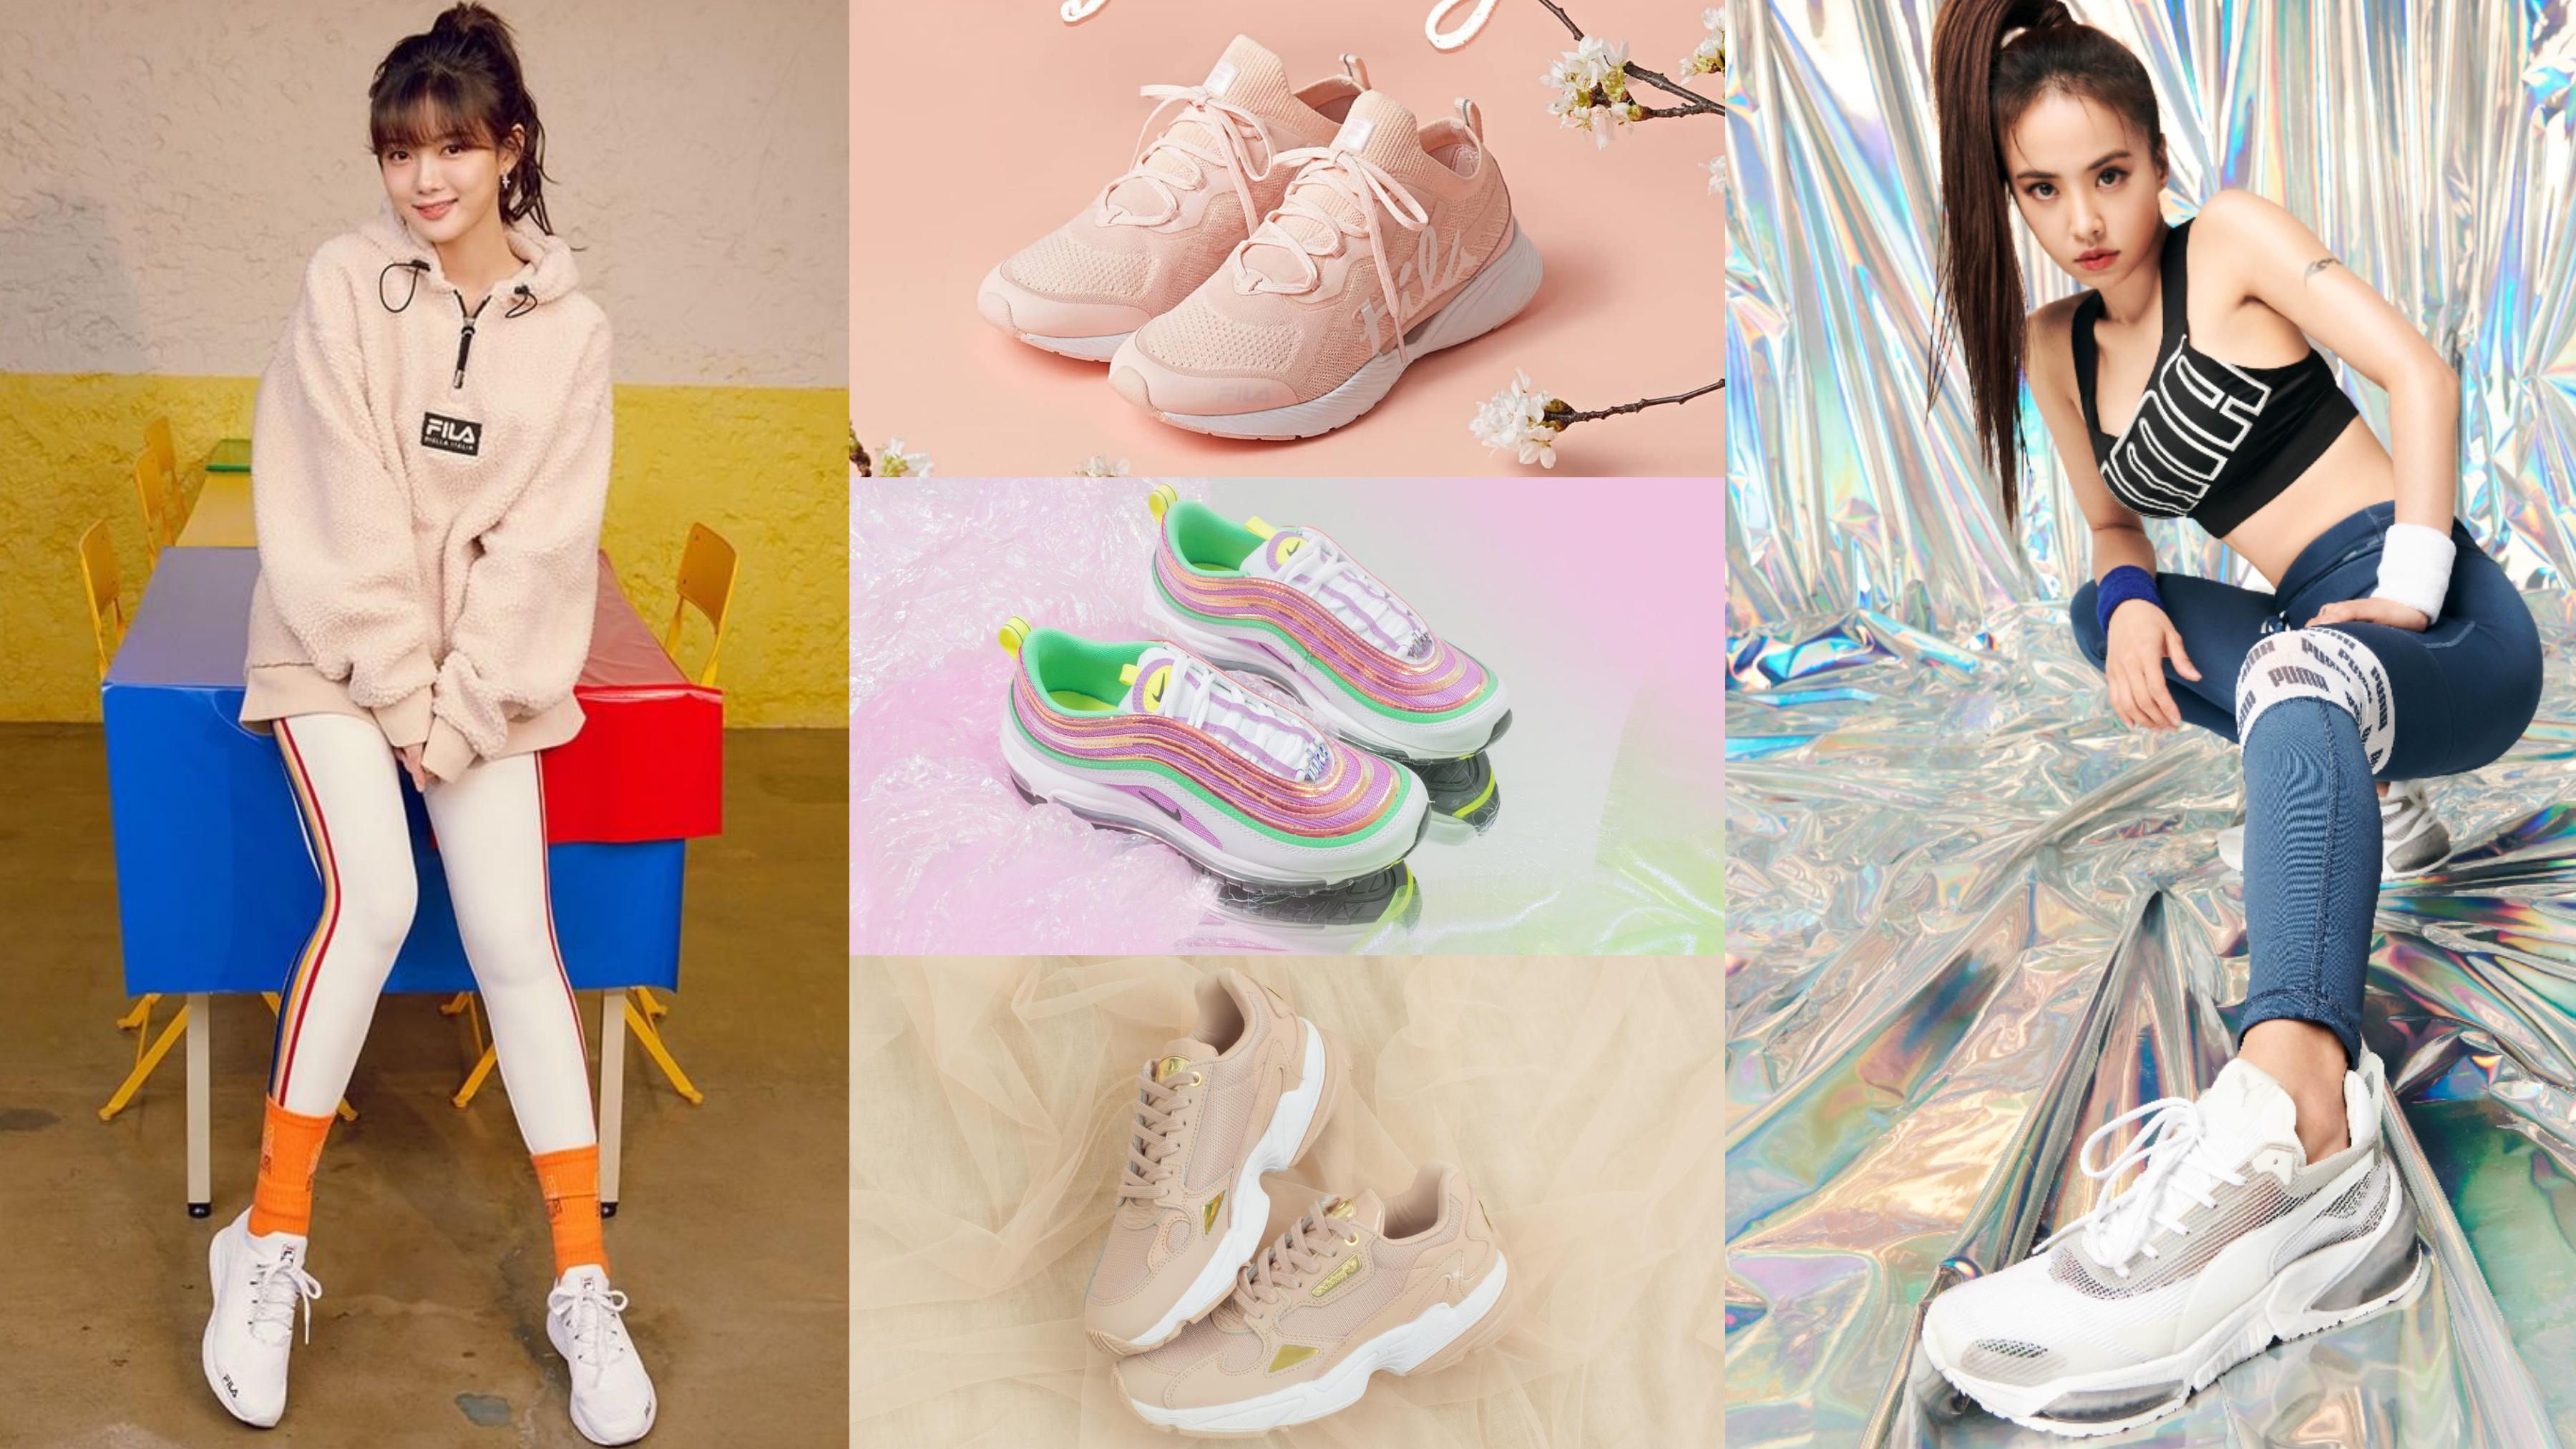 天后蔡依林、國民妹妹金裕貞示範可甜可塩球鞋穿搭!還有2020夏日必備的奶茶色、粉嫩色、百搭鞋款一次看